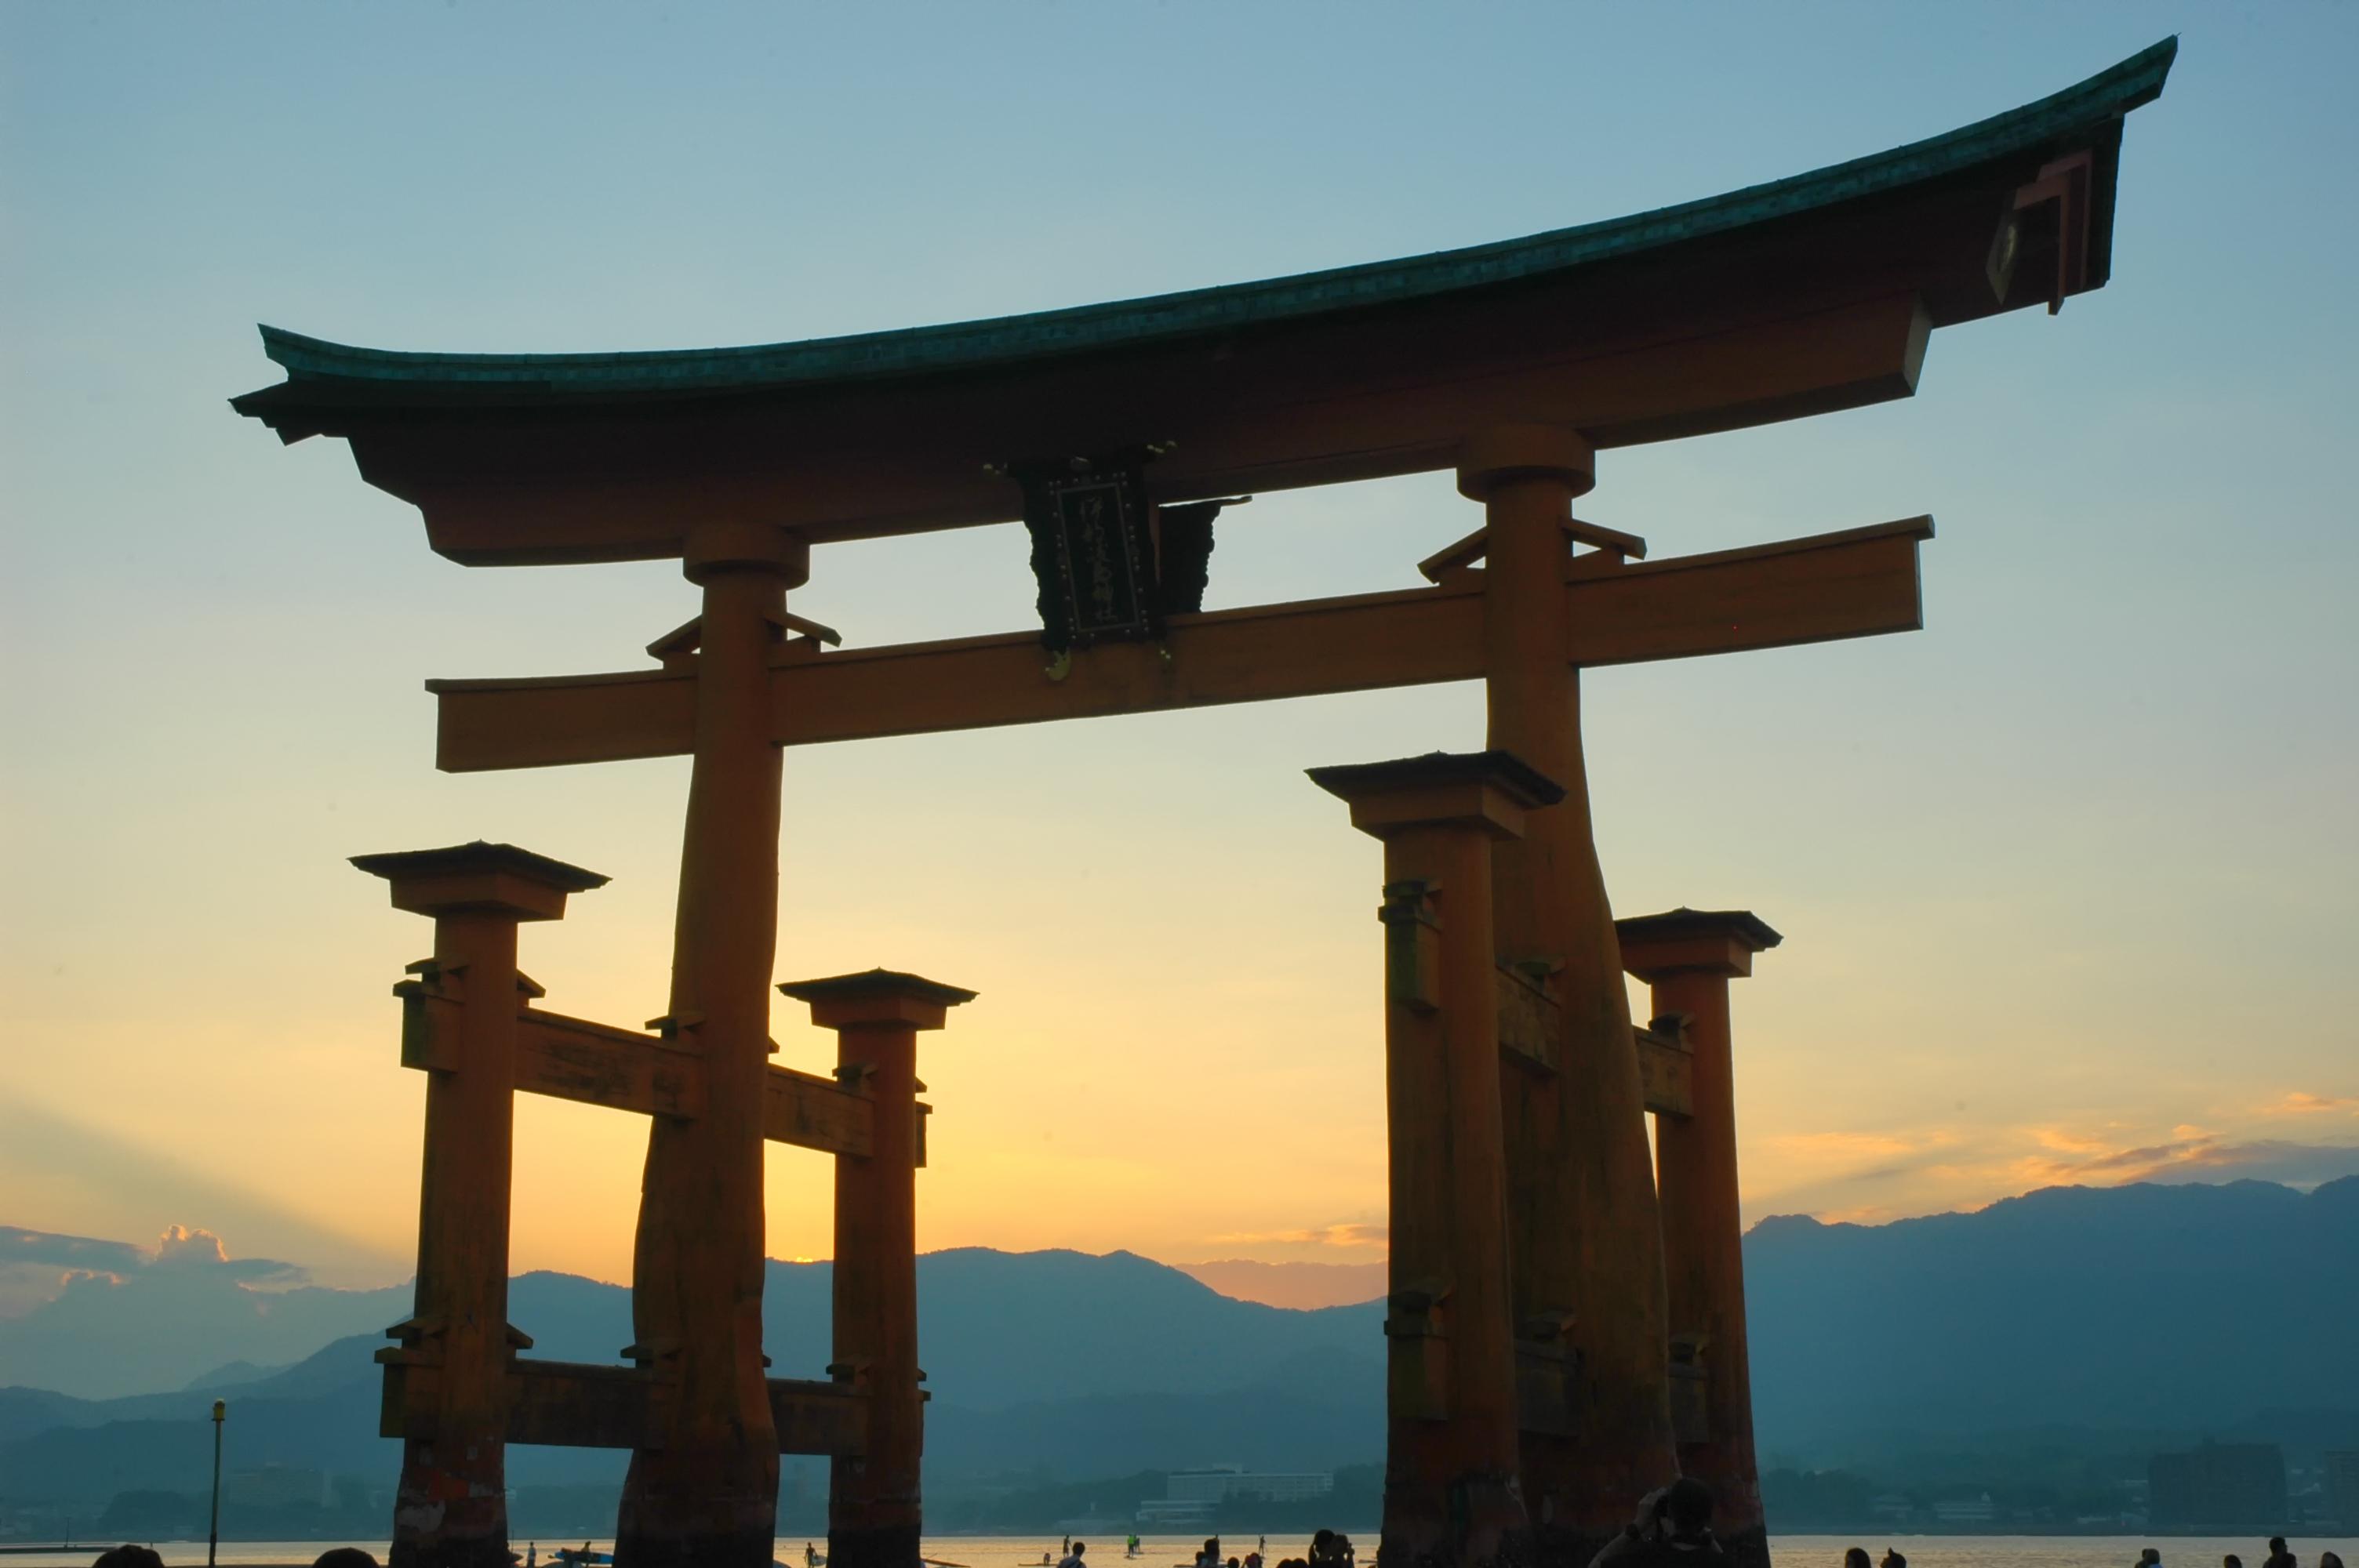 Miyajima's torii at sunset